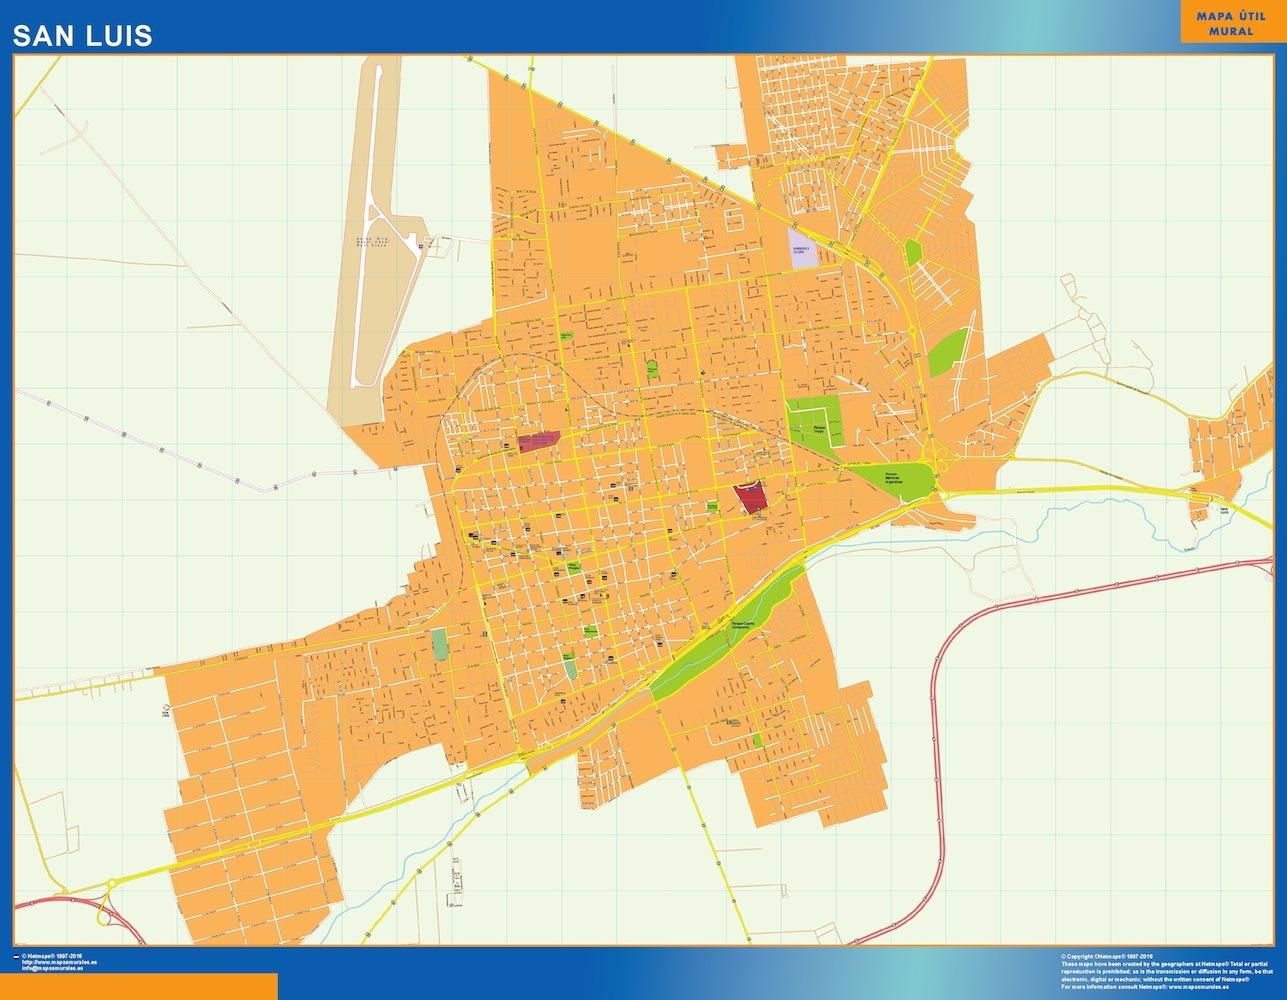 Mapa San Luis en Argentina plastificado gigante